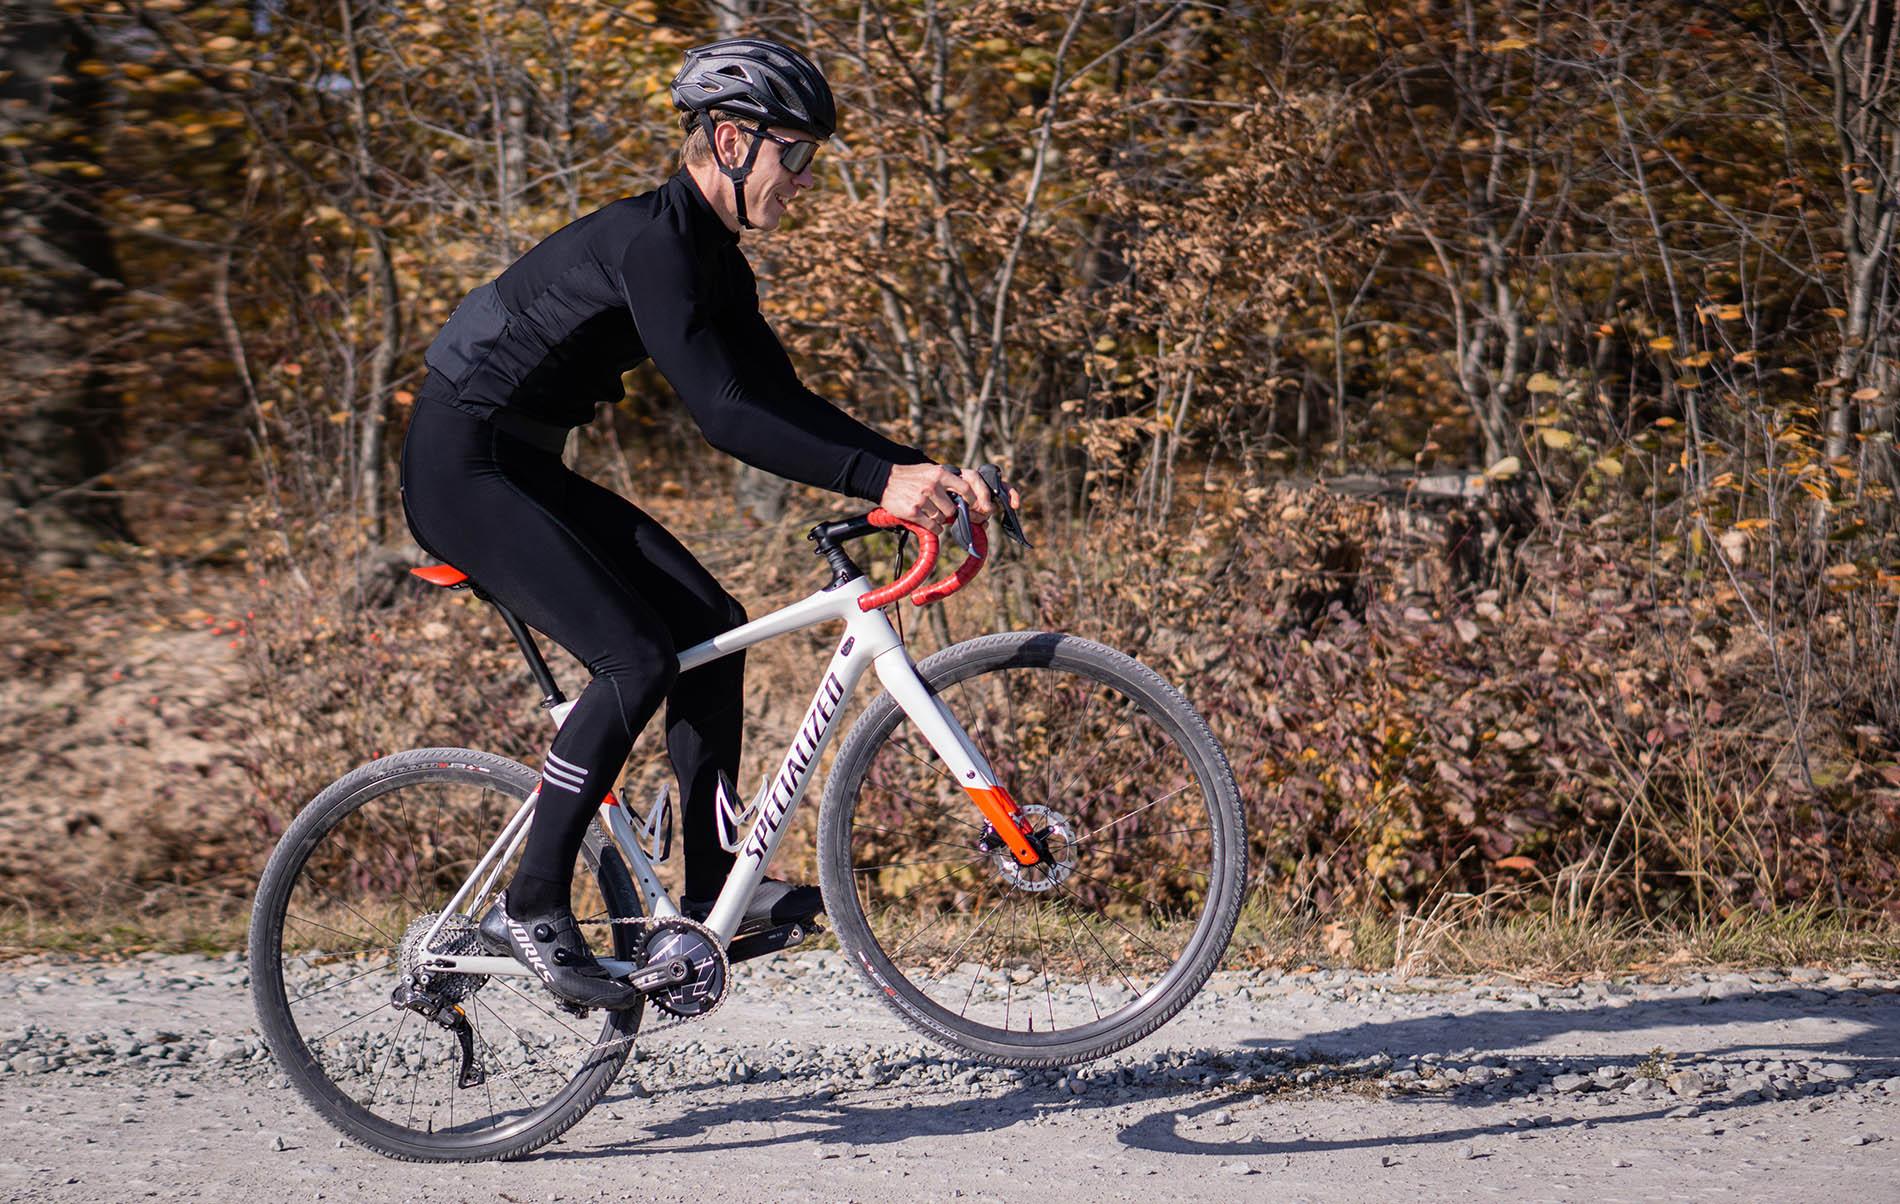 samotna jazda i trening rowerem w czasie pandemii koronawirusa